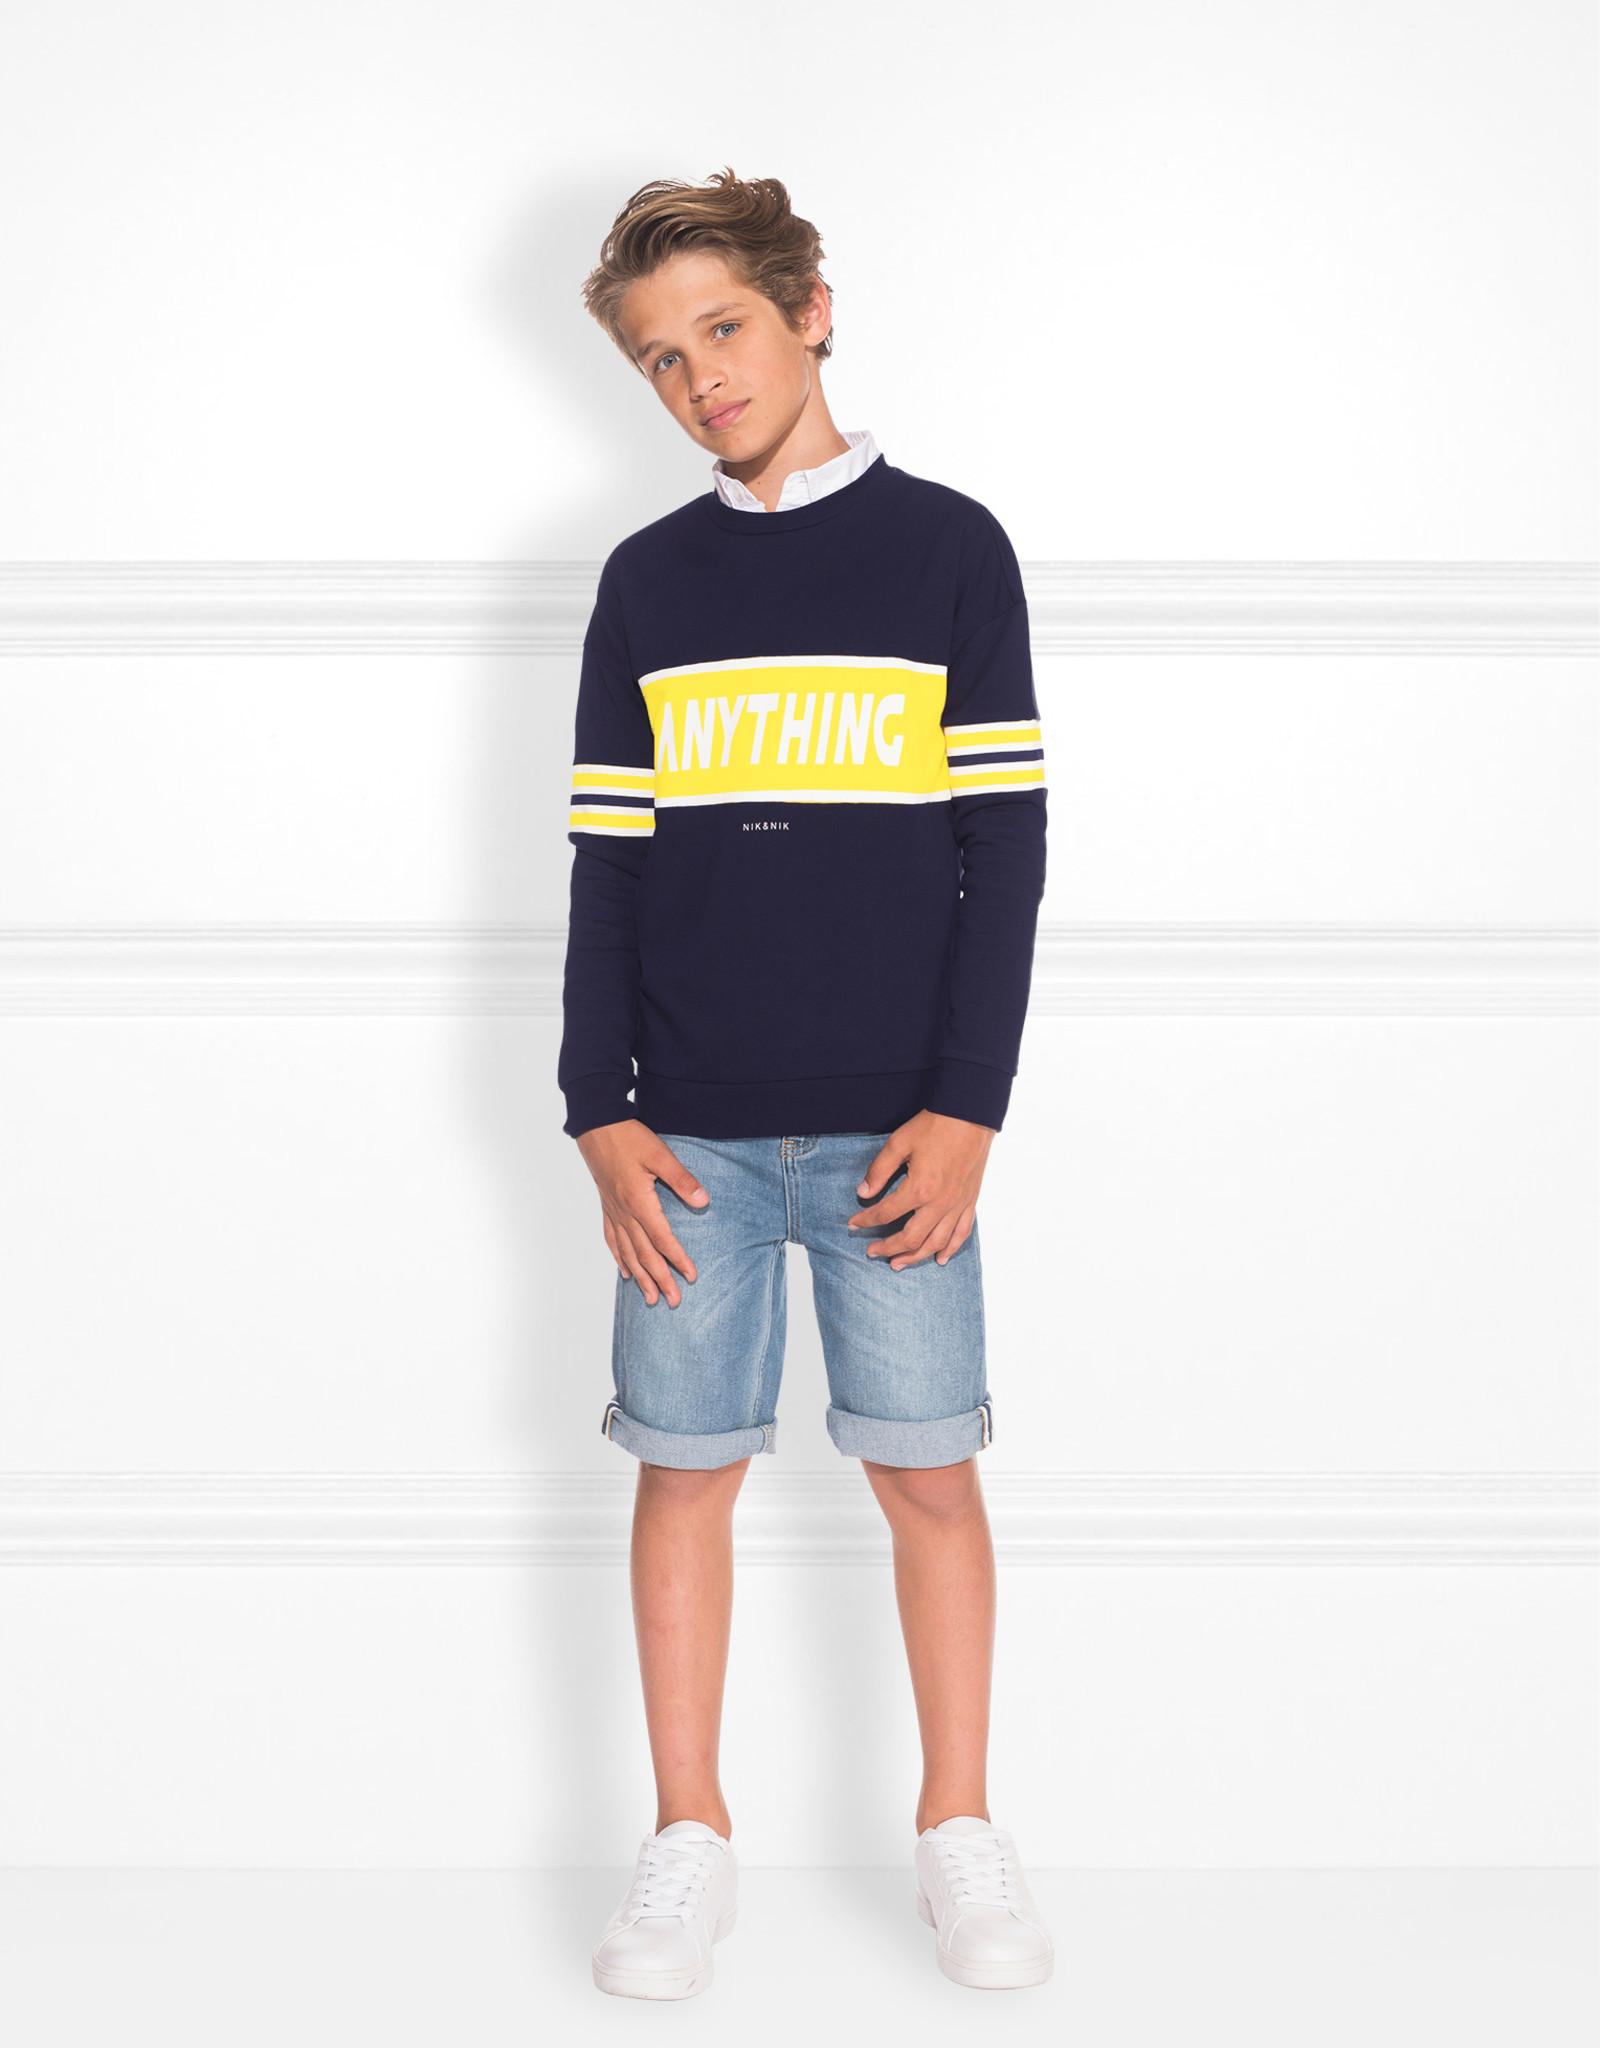 Nik&Nik - Anything sweater